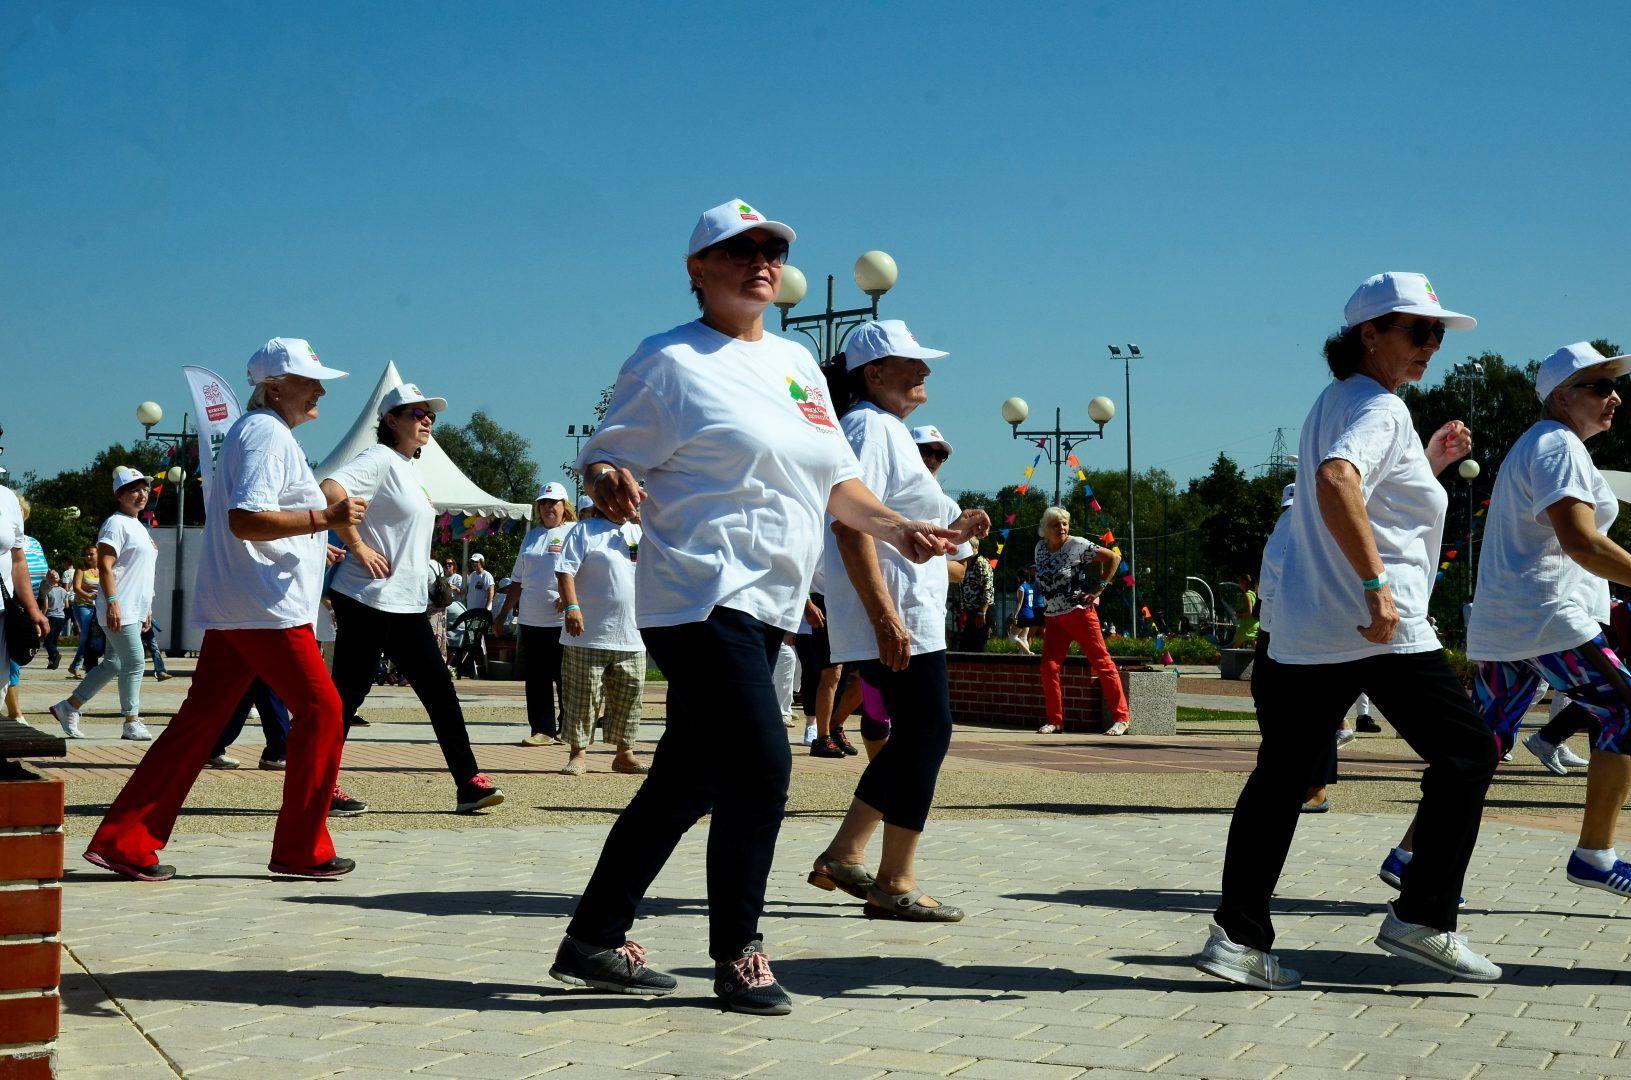 Жители Мосрентгена поучаствуют в соревнованиях по комбинированной эстафете. Фото: Анна Быкова